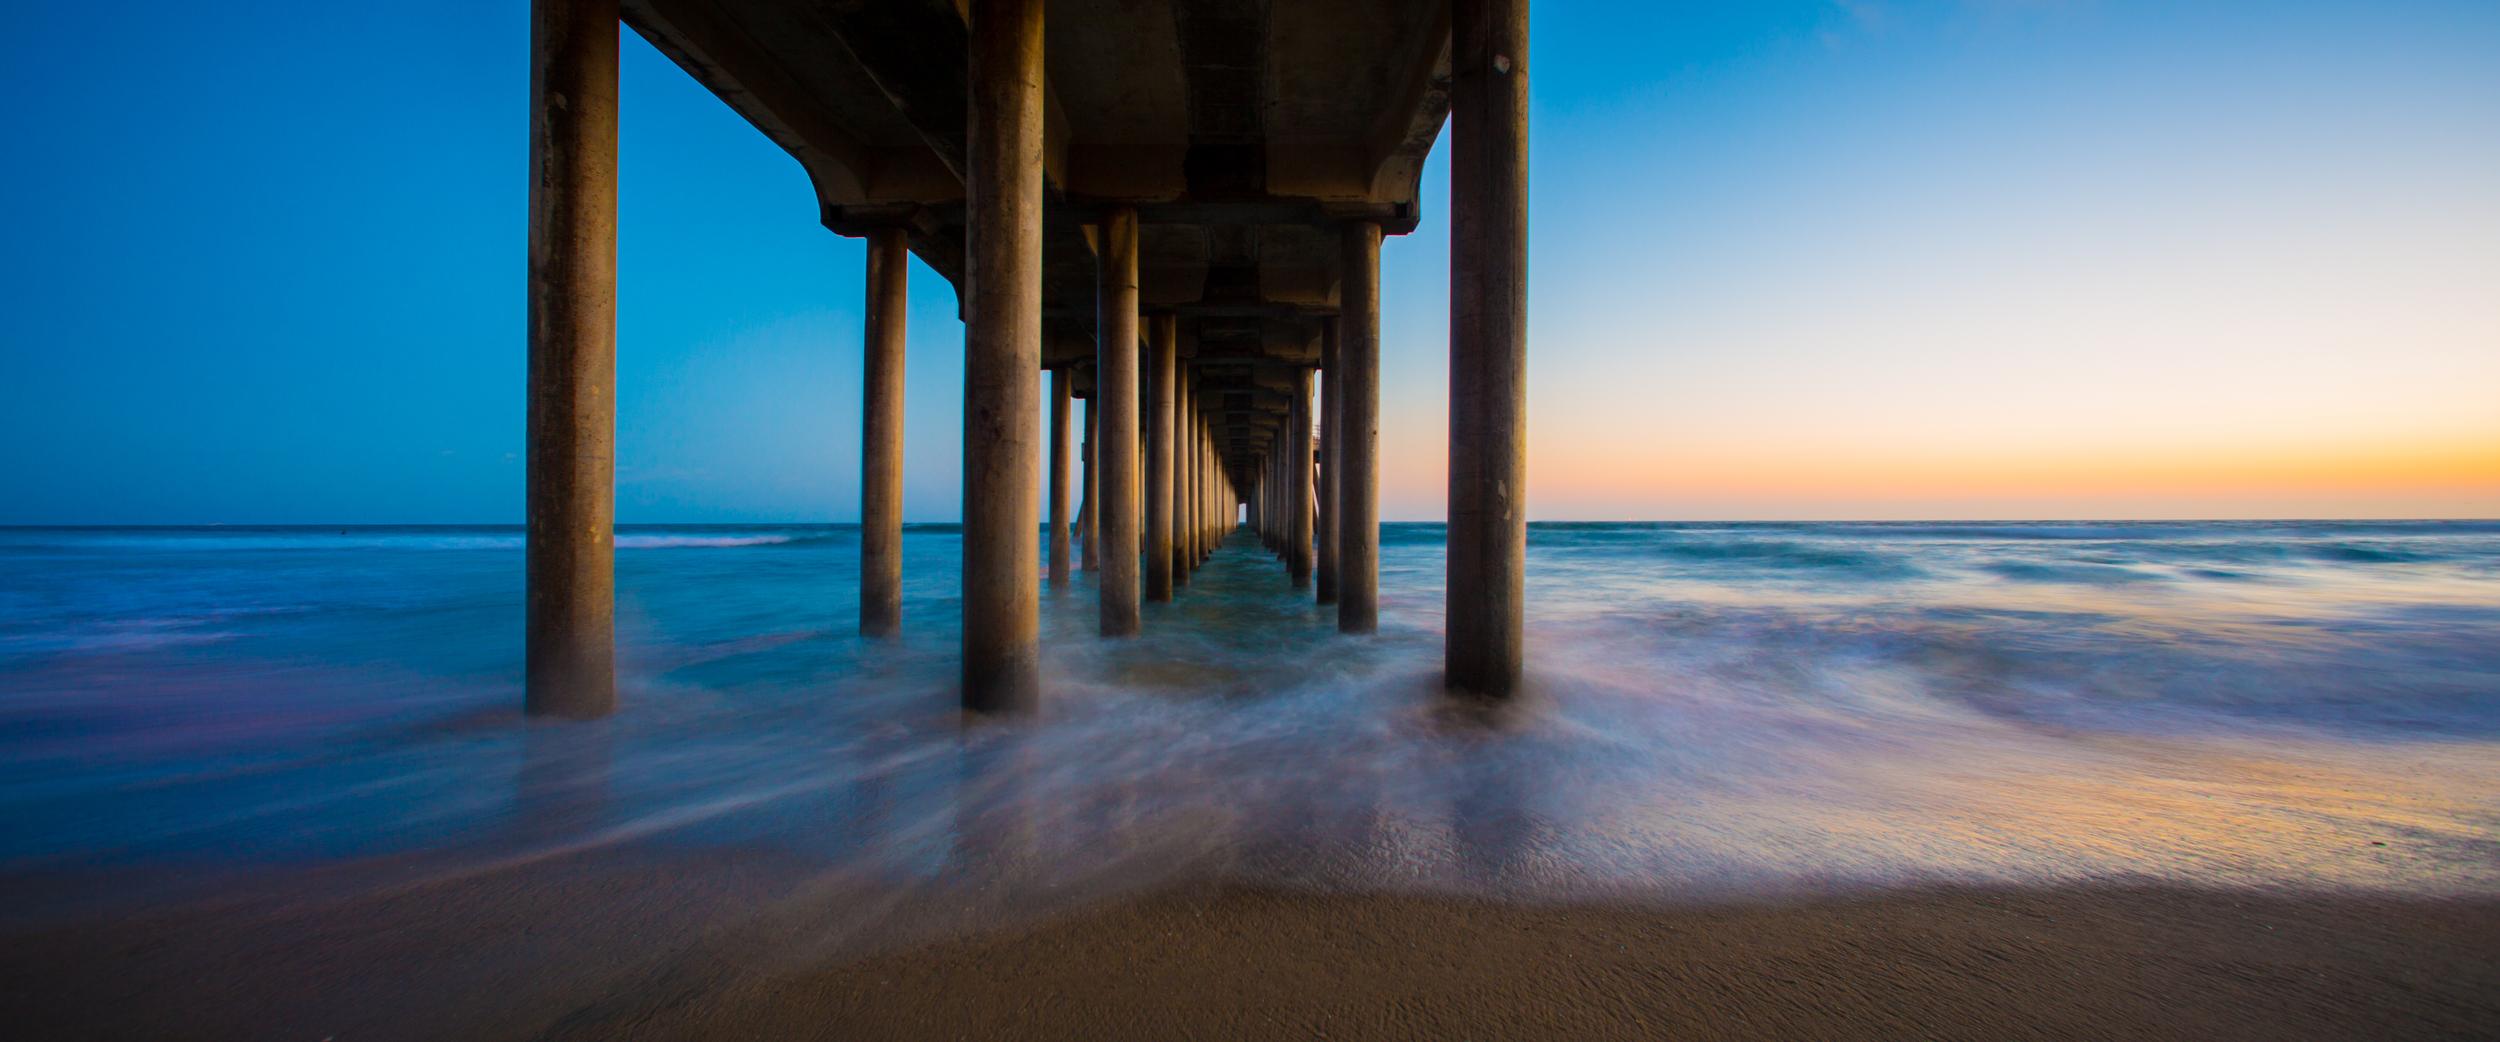 Pier - Huntington Beach, CA 2014 - 5DIII